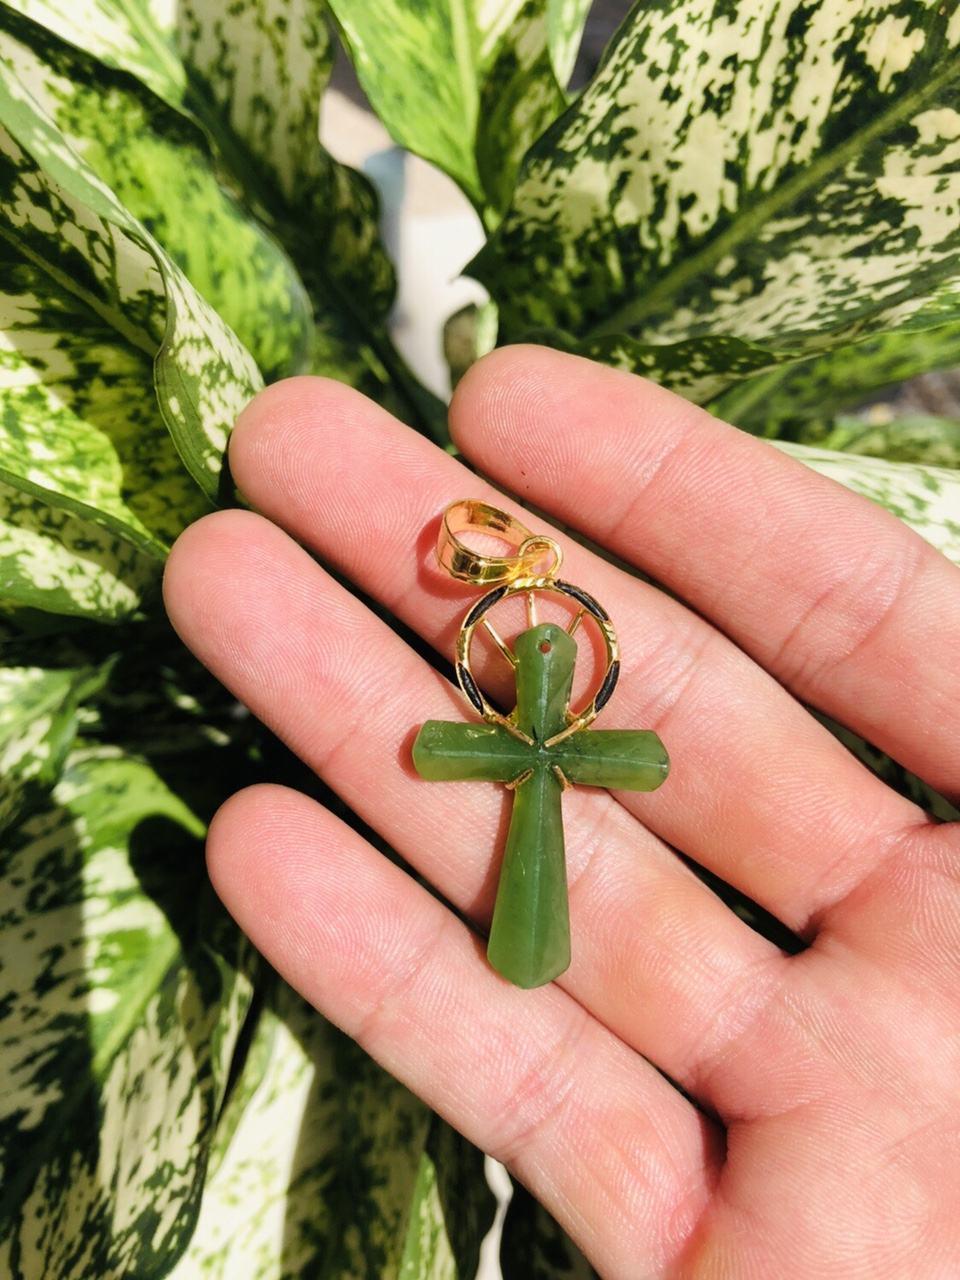 Mặt dây hình Thánh giá bằng ngọc bích bọc vàng - Món quà tuyệt vời dành cho các tín đồ tôn giáo của RIOGEMs